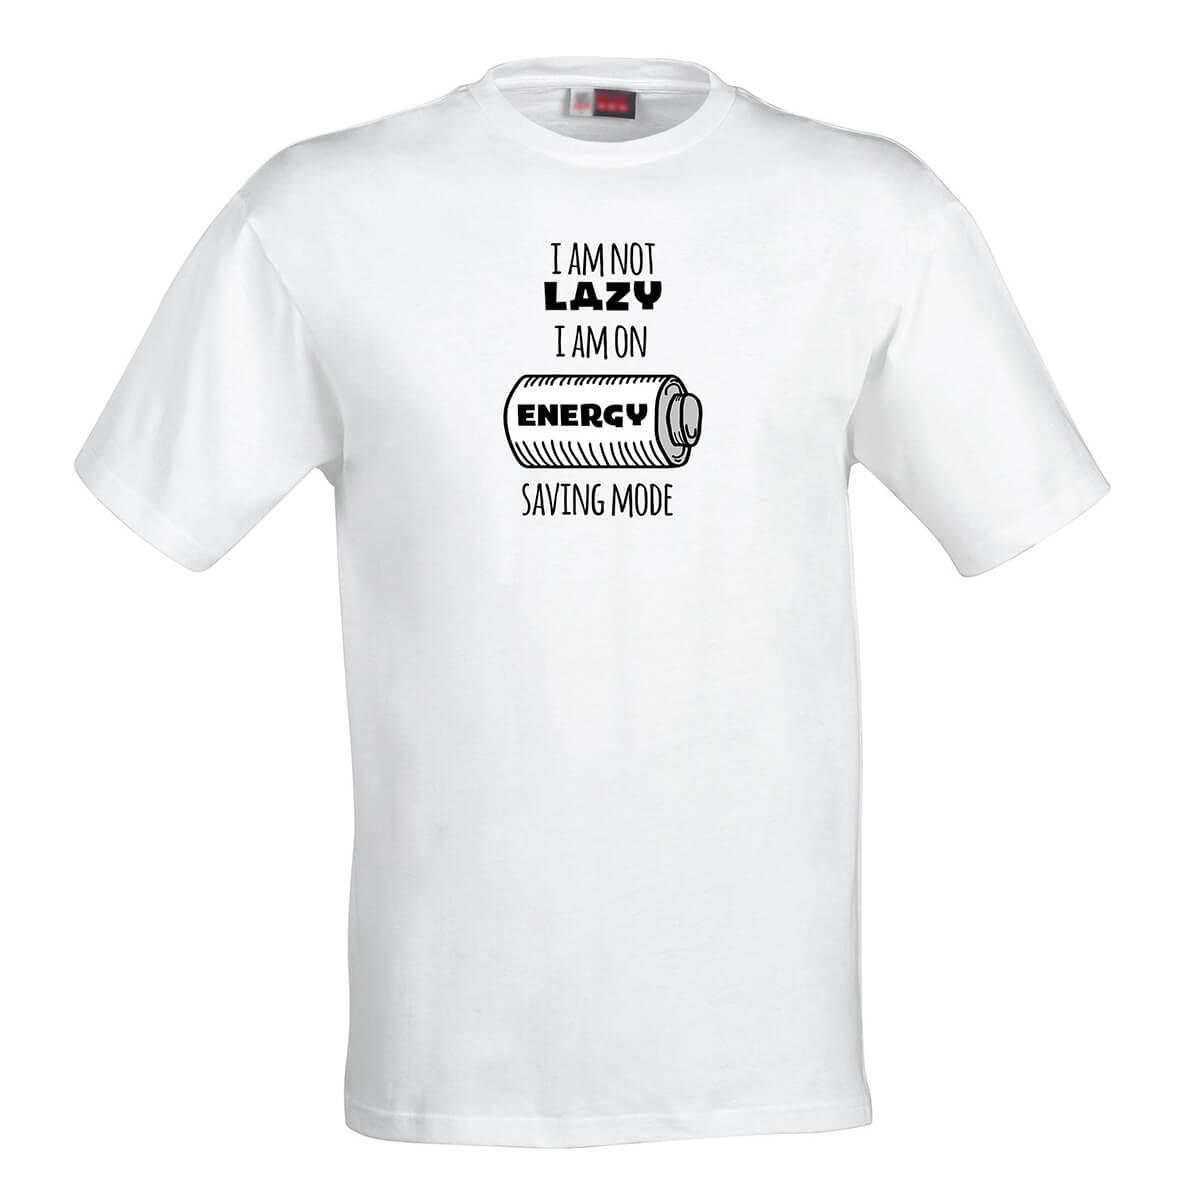 Pánske tričko I am not lazy. I am on energy saving mode - veľkosť S